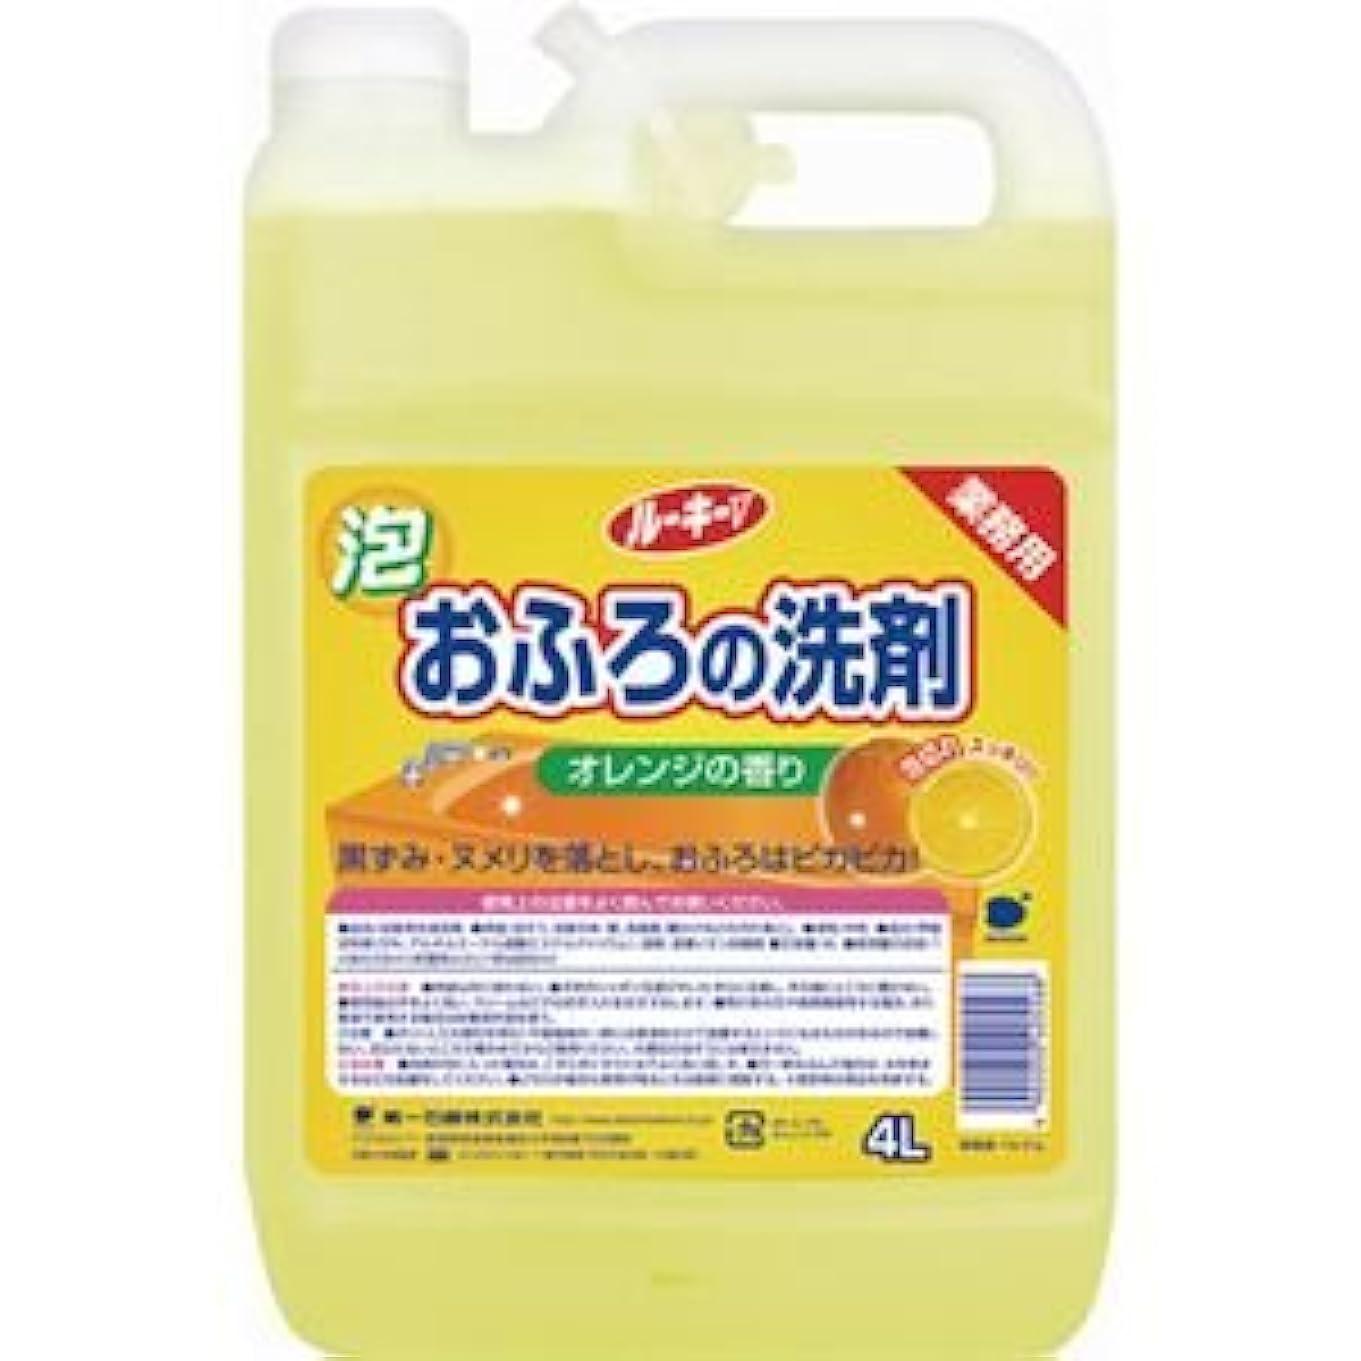 追う加速度キャラクター(まとめ) 第一石鹸 ルーキーV おふろ洗剤 業務用 4L 1本 【×5セット】